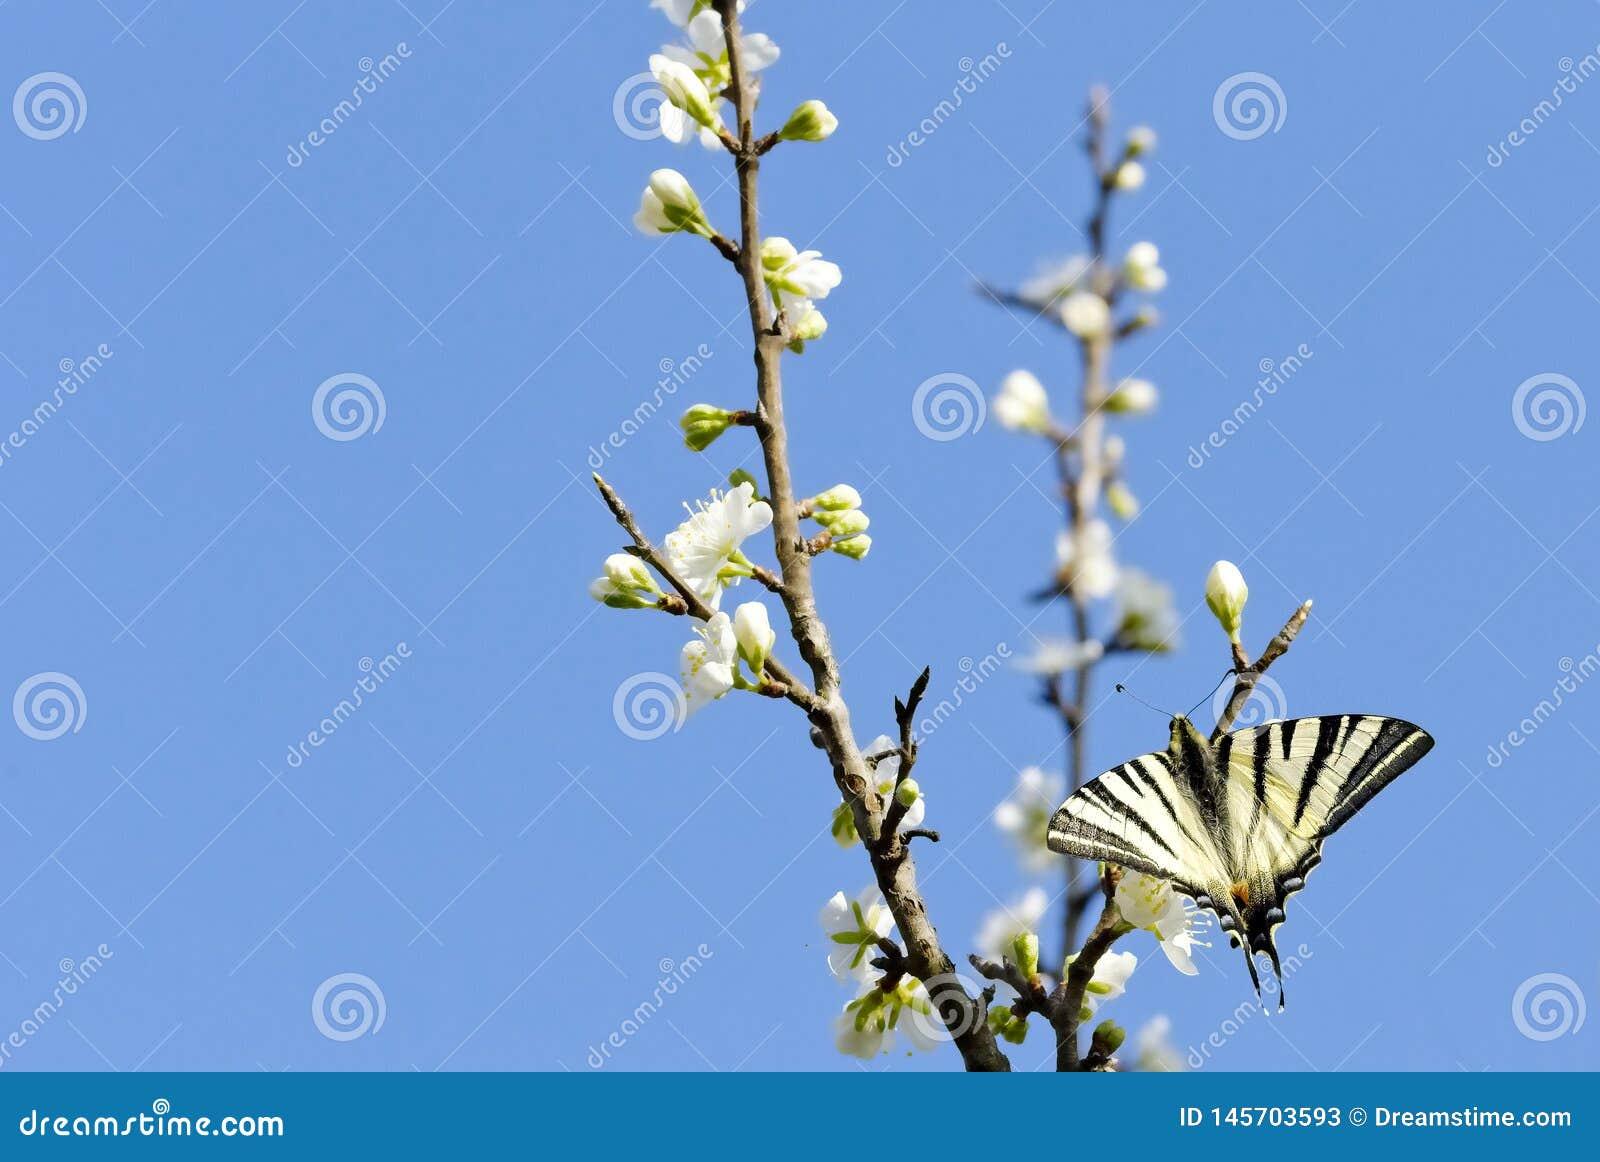 Motyl na kwitnącym drzewie